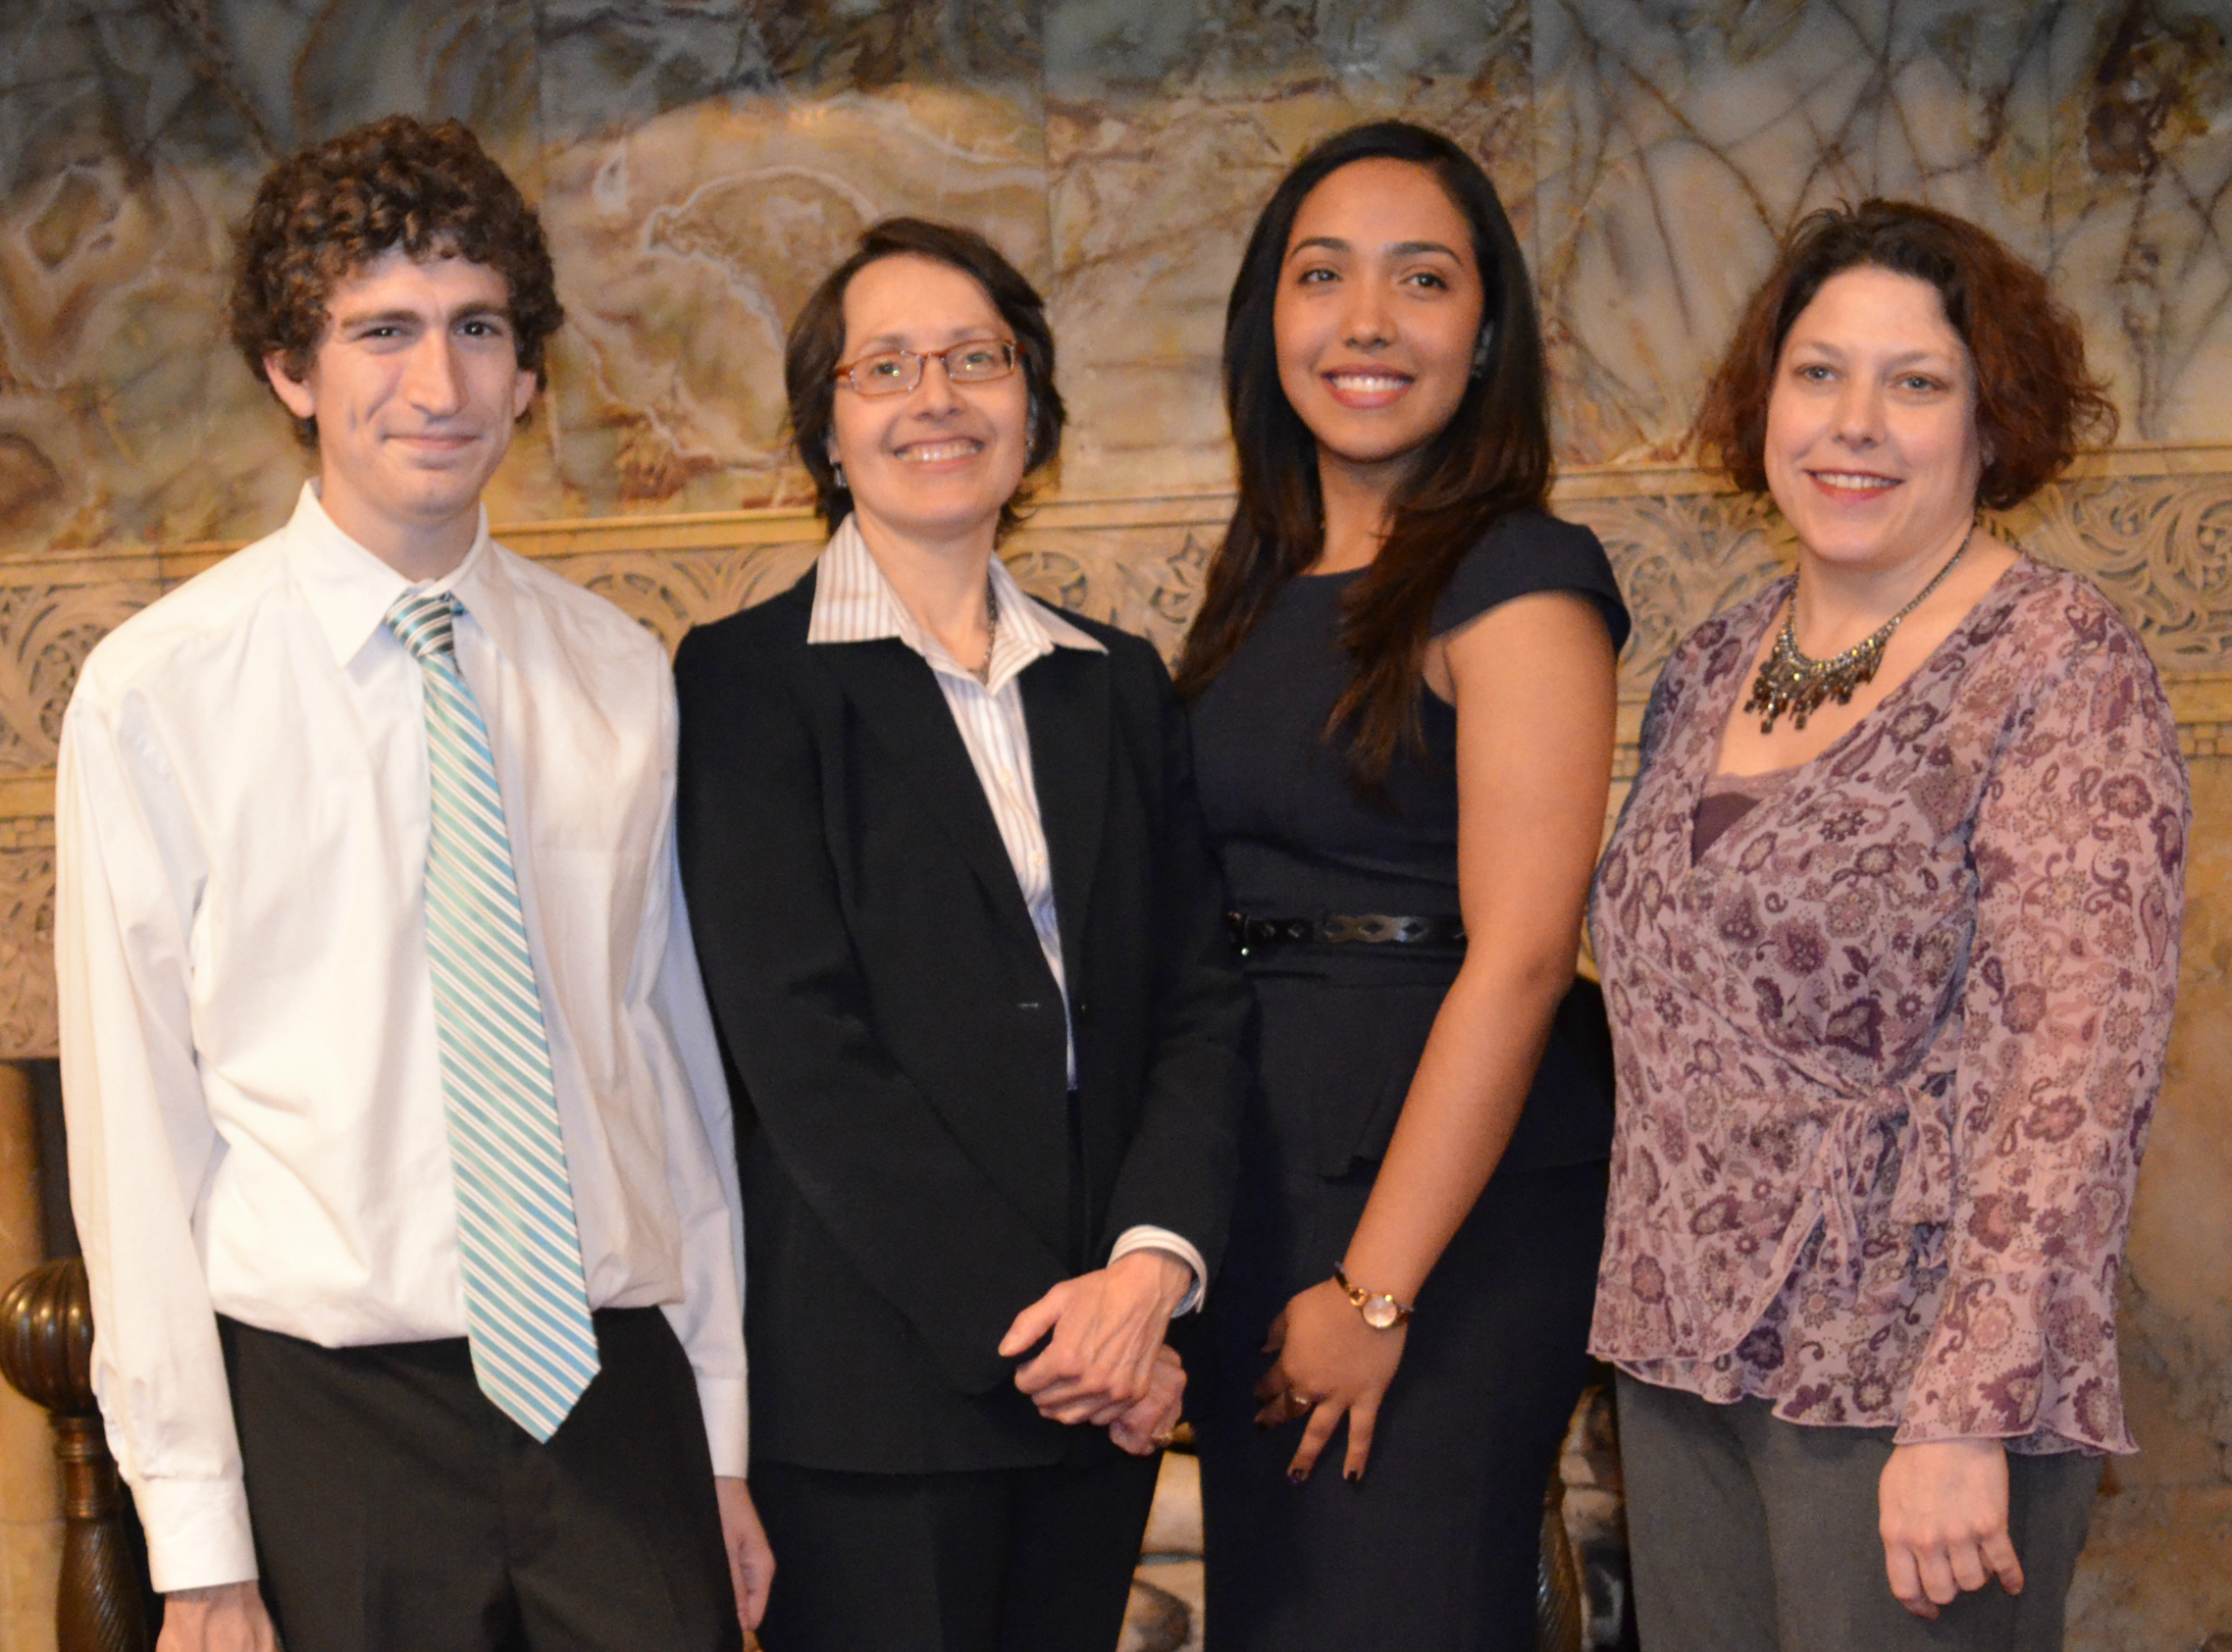 2014 Garfinkel Winners (L-R): Zackary Field, Judge Jenny Rivera, Lida Ramos Arce, and Rhonda Parker